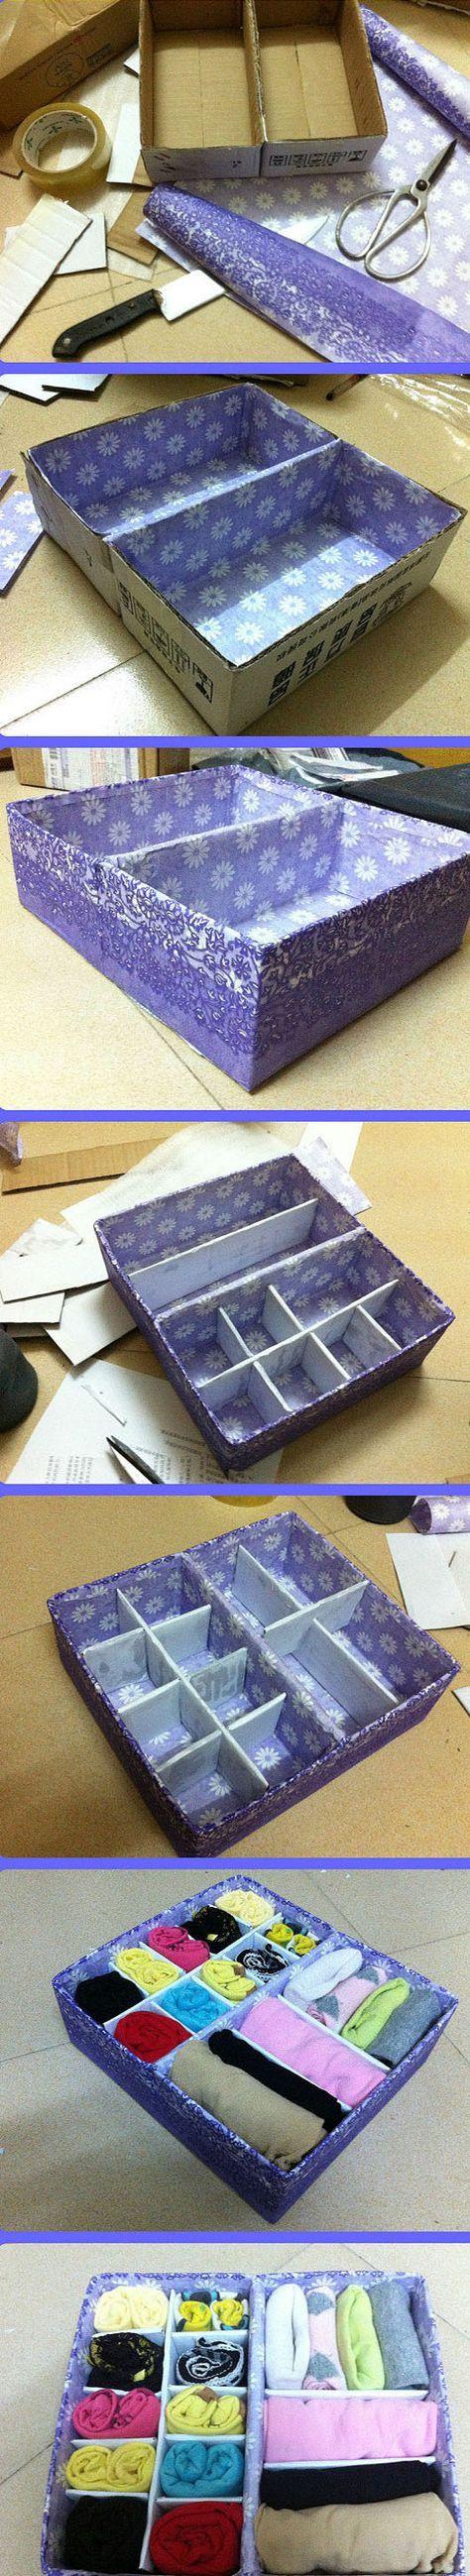 Las 25 mejores ideas sobre cajas forradas con tela en - Forrar cajas de carton con telas ...